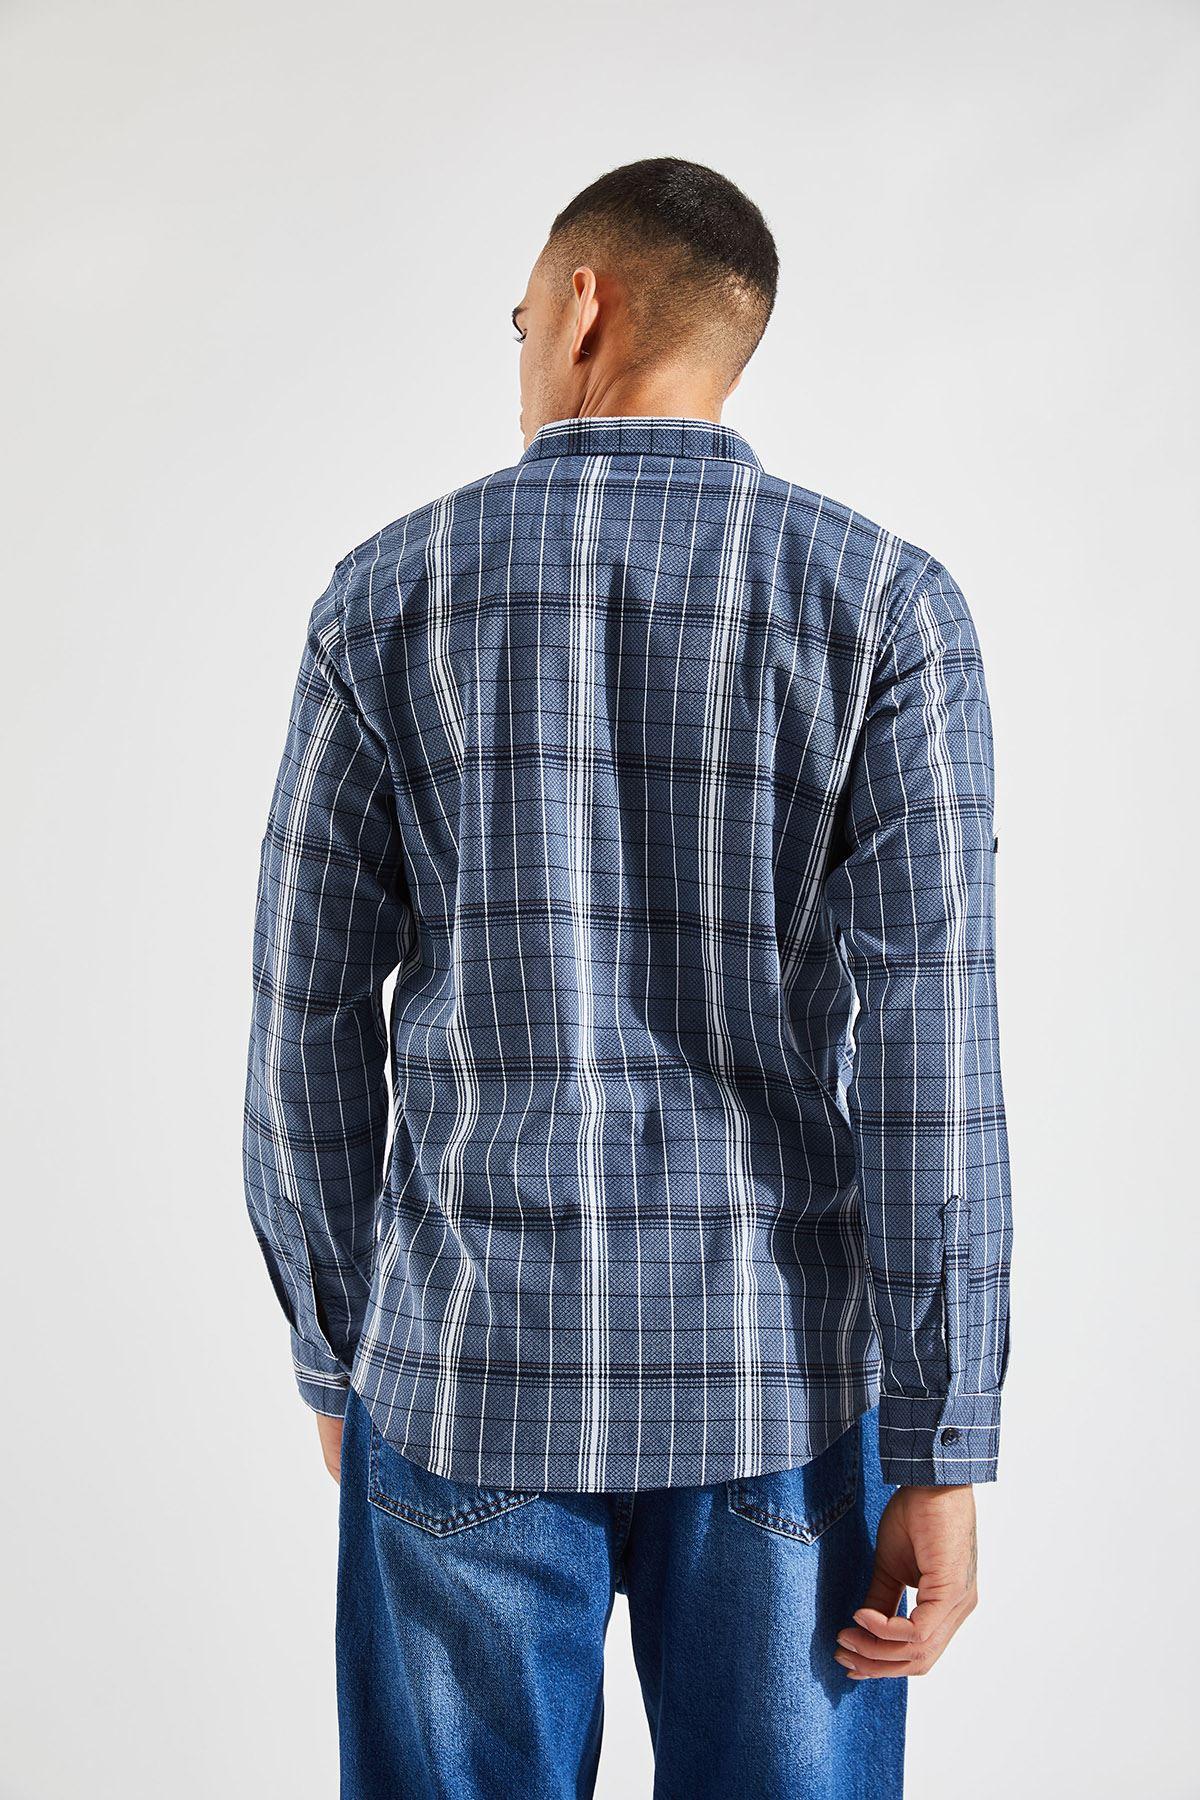 Erkek Kol Apoletli Çizgili Lacivert Gömlek